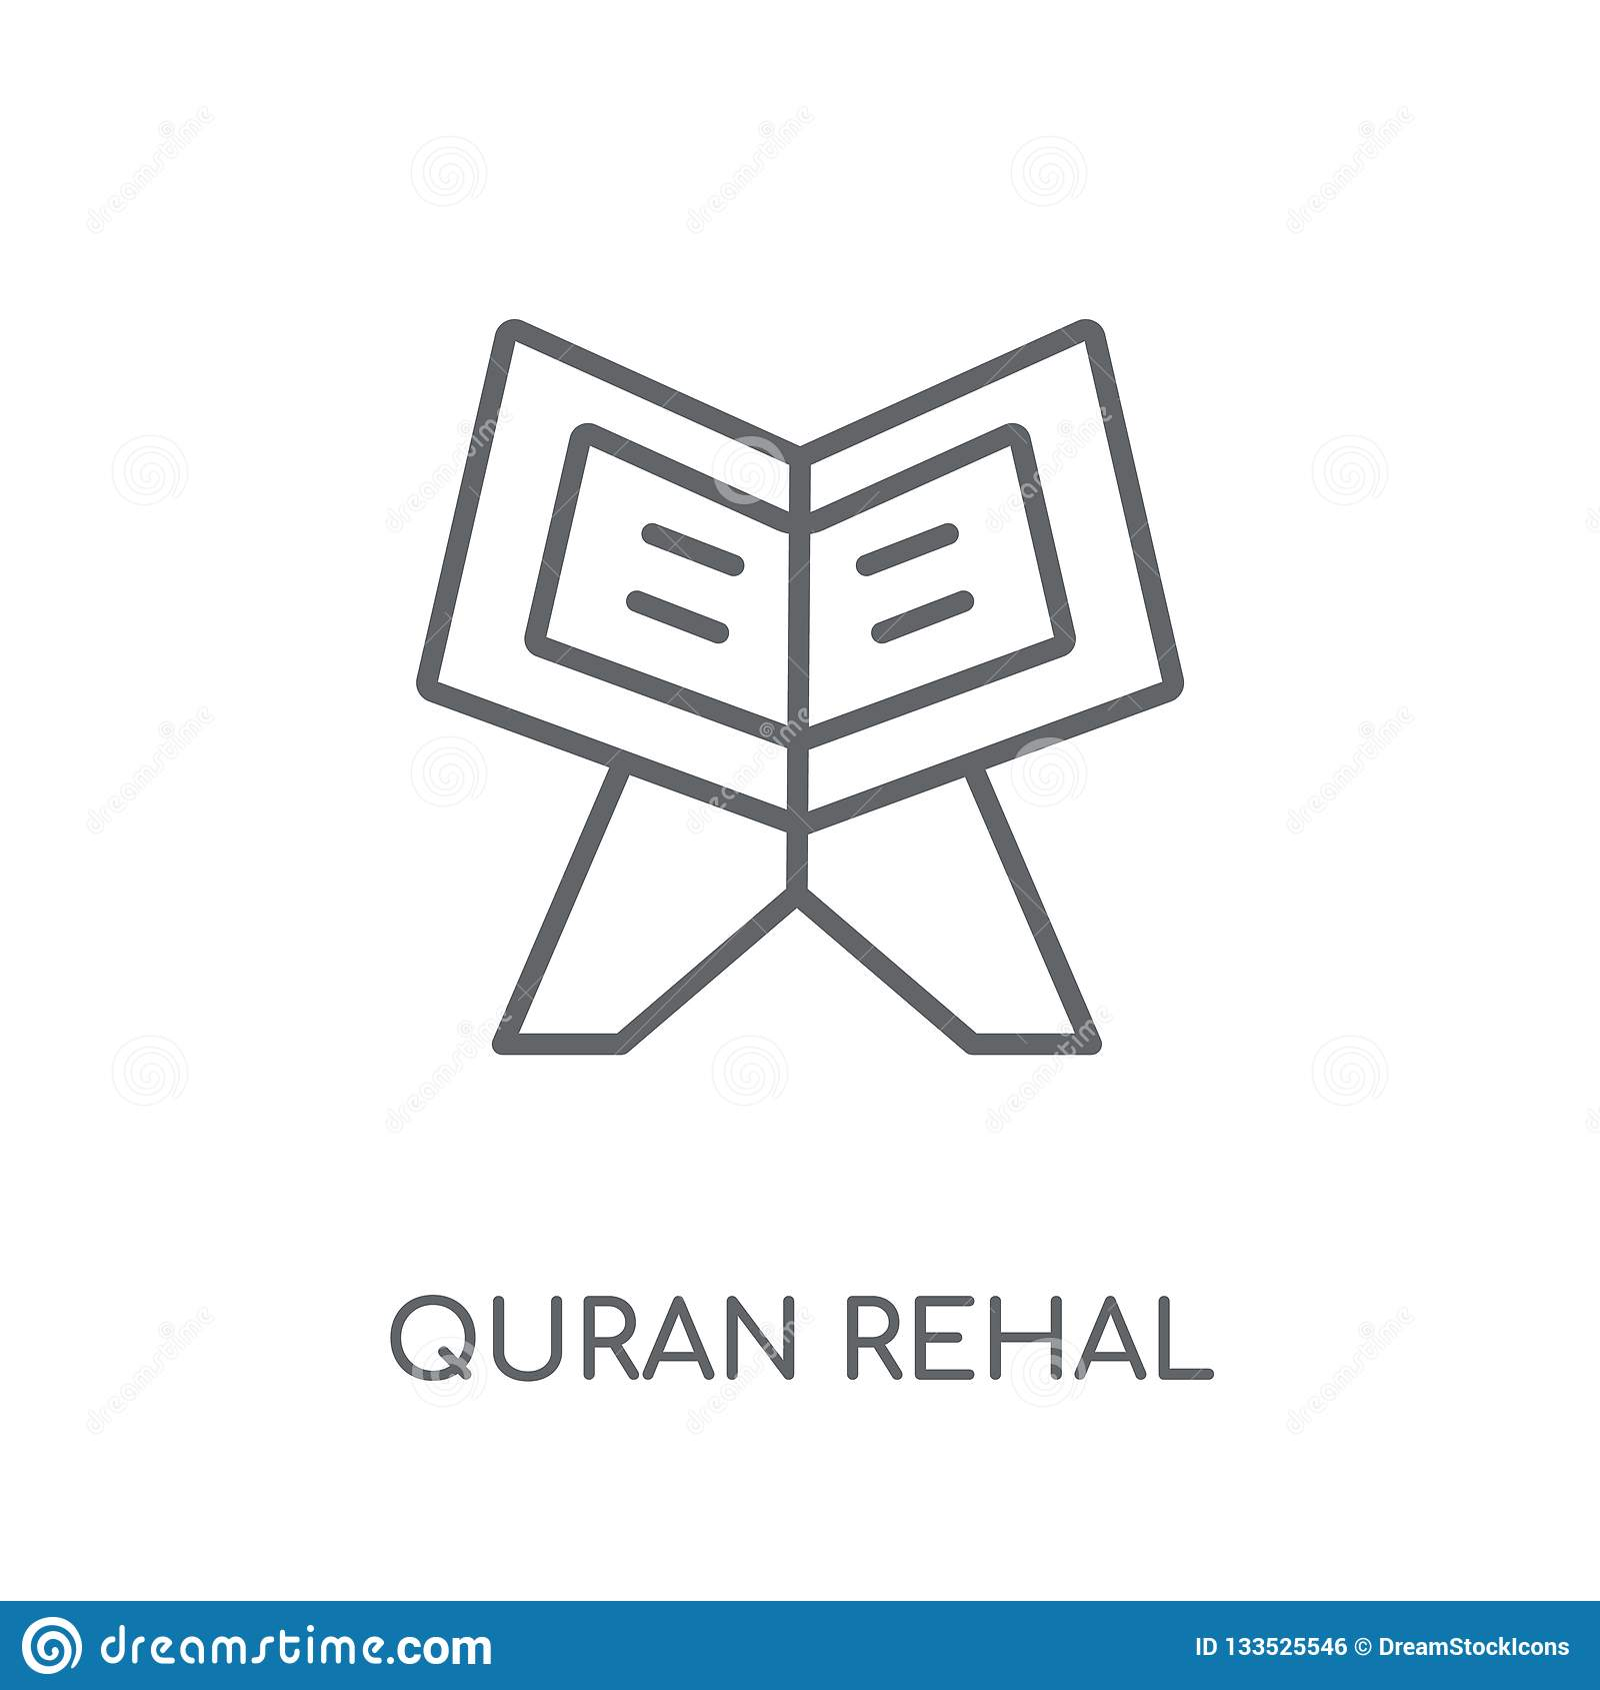 Quran Rehal Linear Icon  Modern Outline Quran Rehal Logo Concept